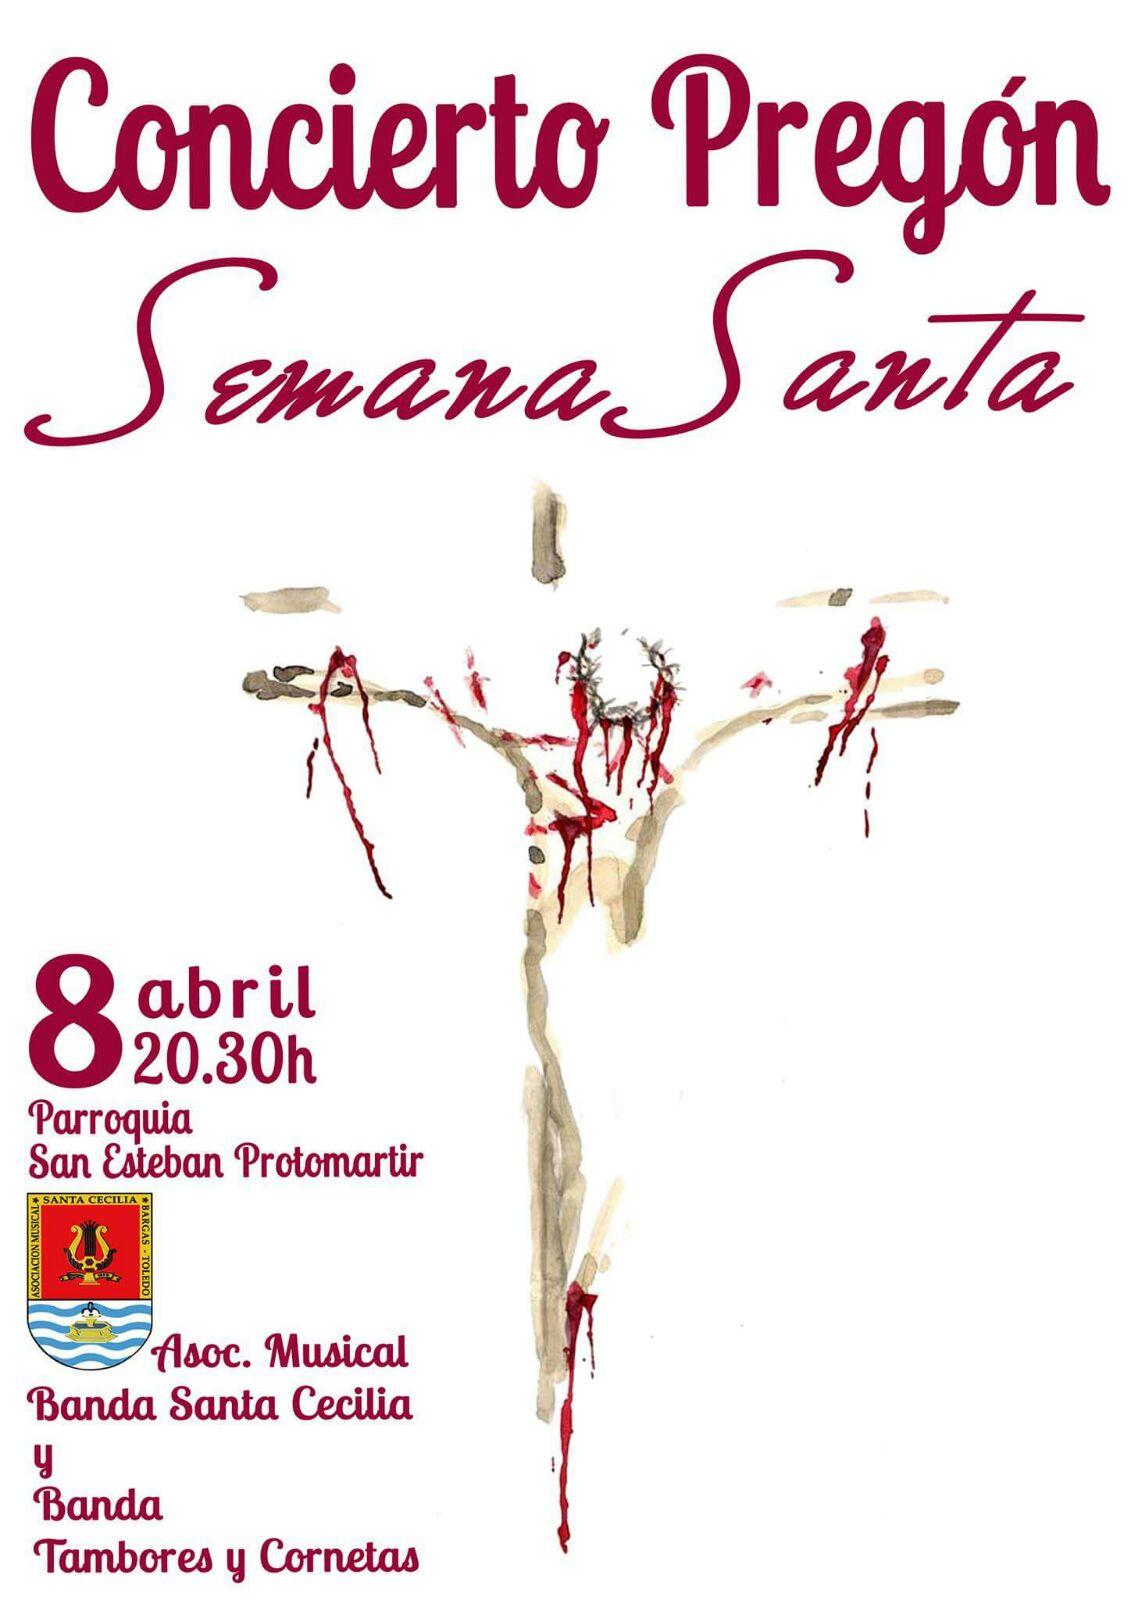 Concierto Pregón Semana Santa